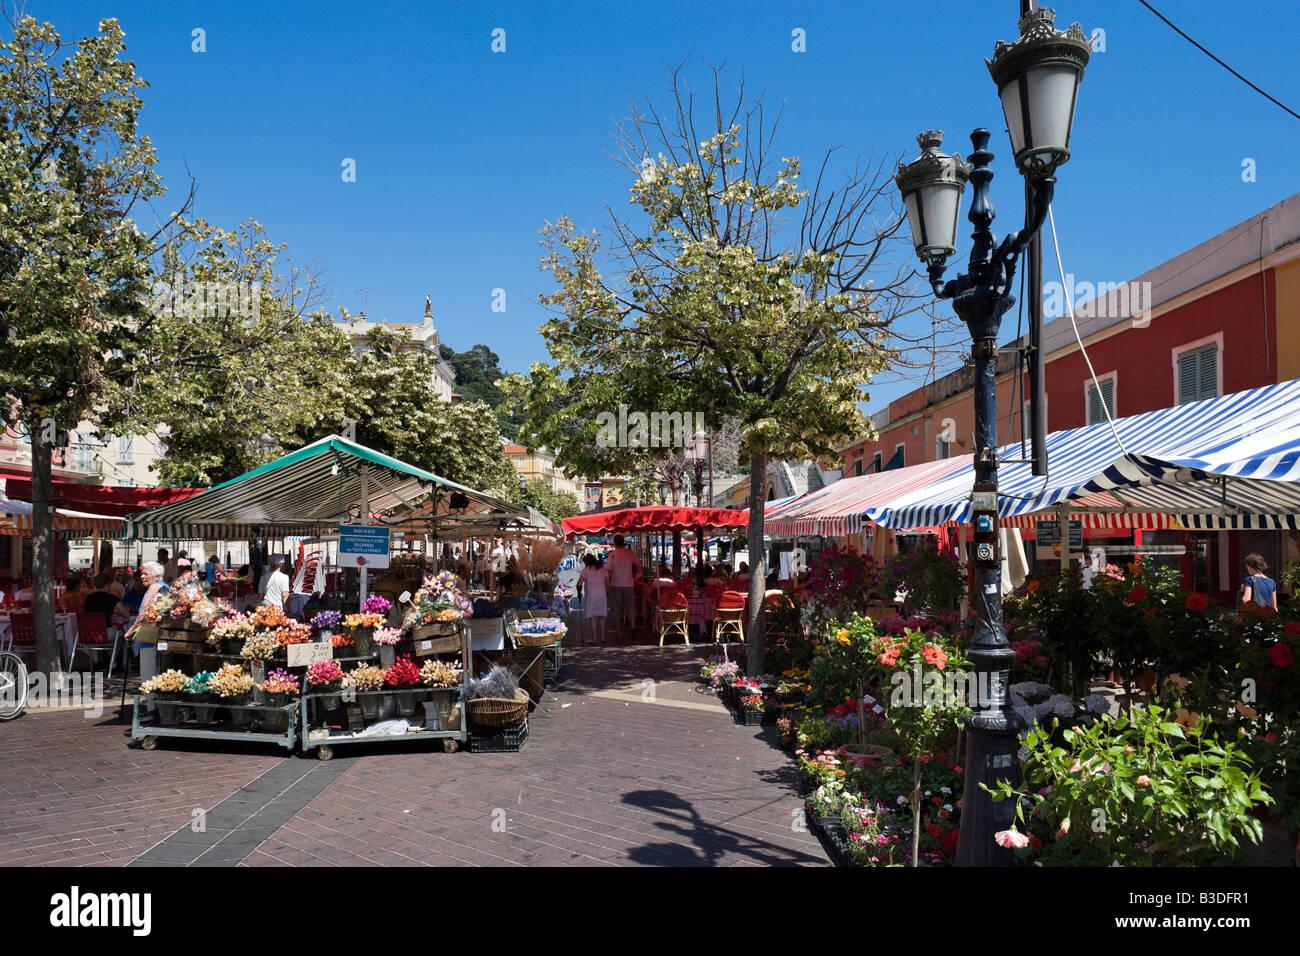 Les échoppes de fleurs le Marché aux Fleurs, le Cours Saleya dans la vieille ville (Vieux nice), Nice, Photo Stock